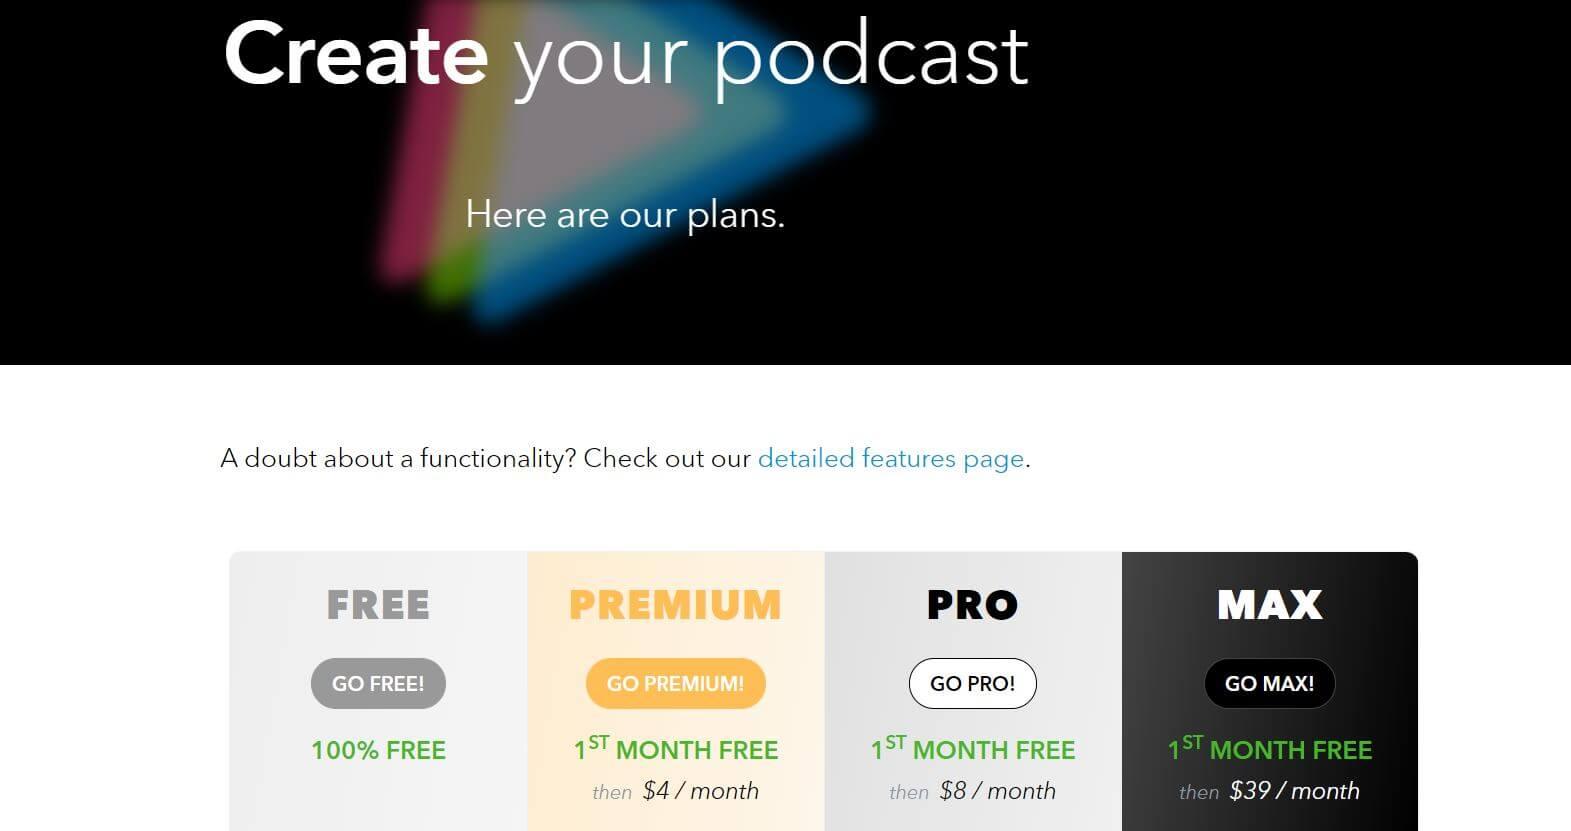 goi-luu-tru-podcast-tot-nhat-podcastics